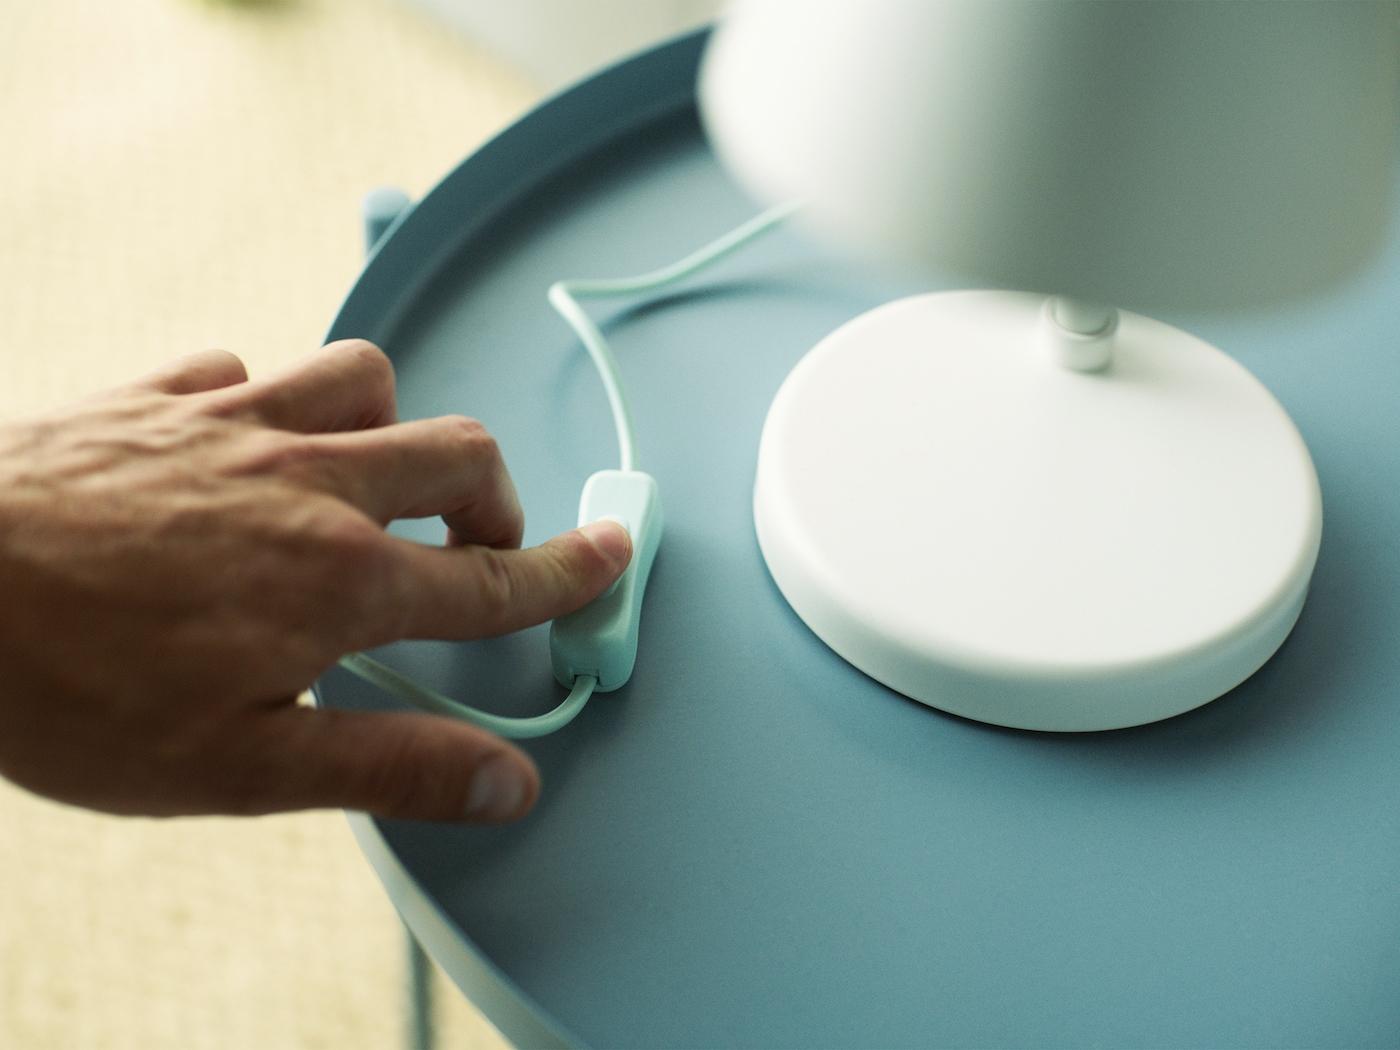 O mână apăsând întrerupătorul unei veioze albe pe o masă albastru deschis.